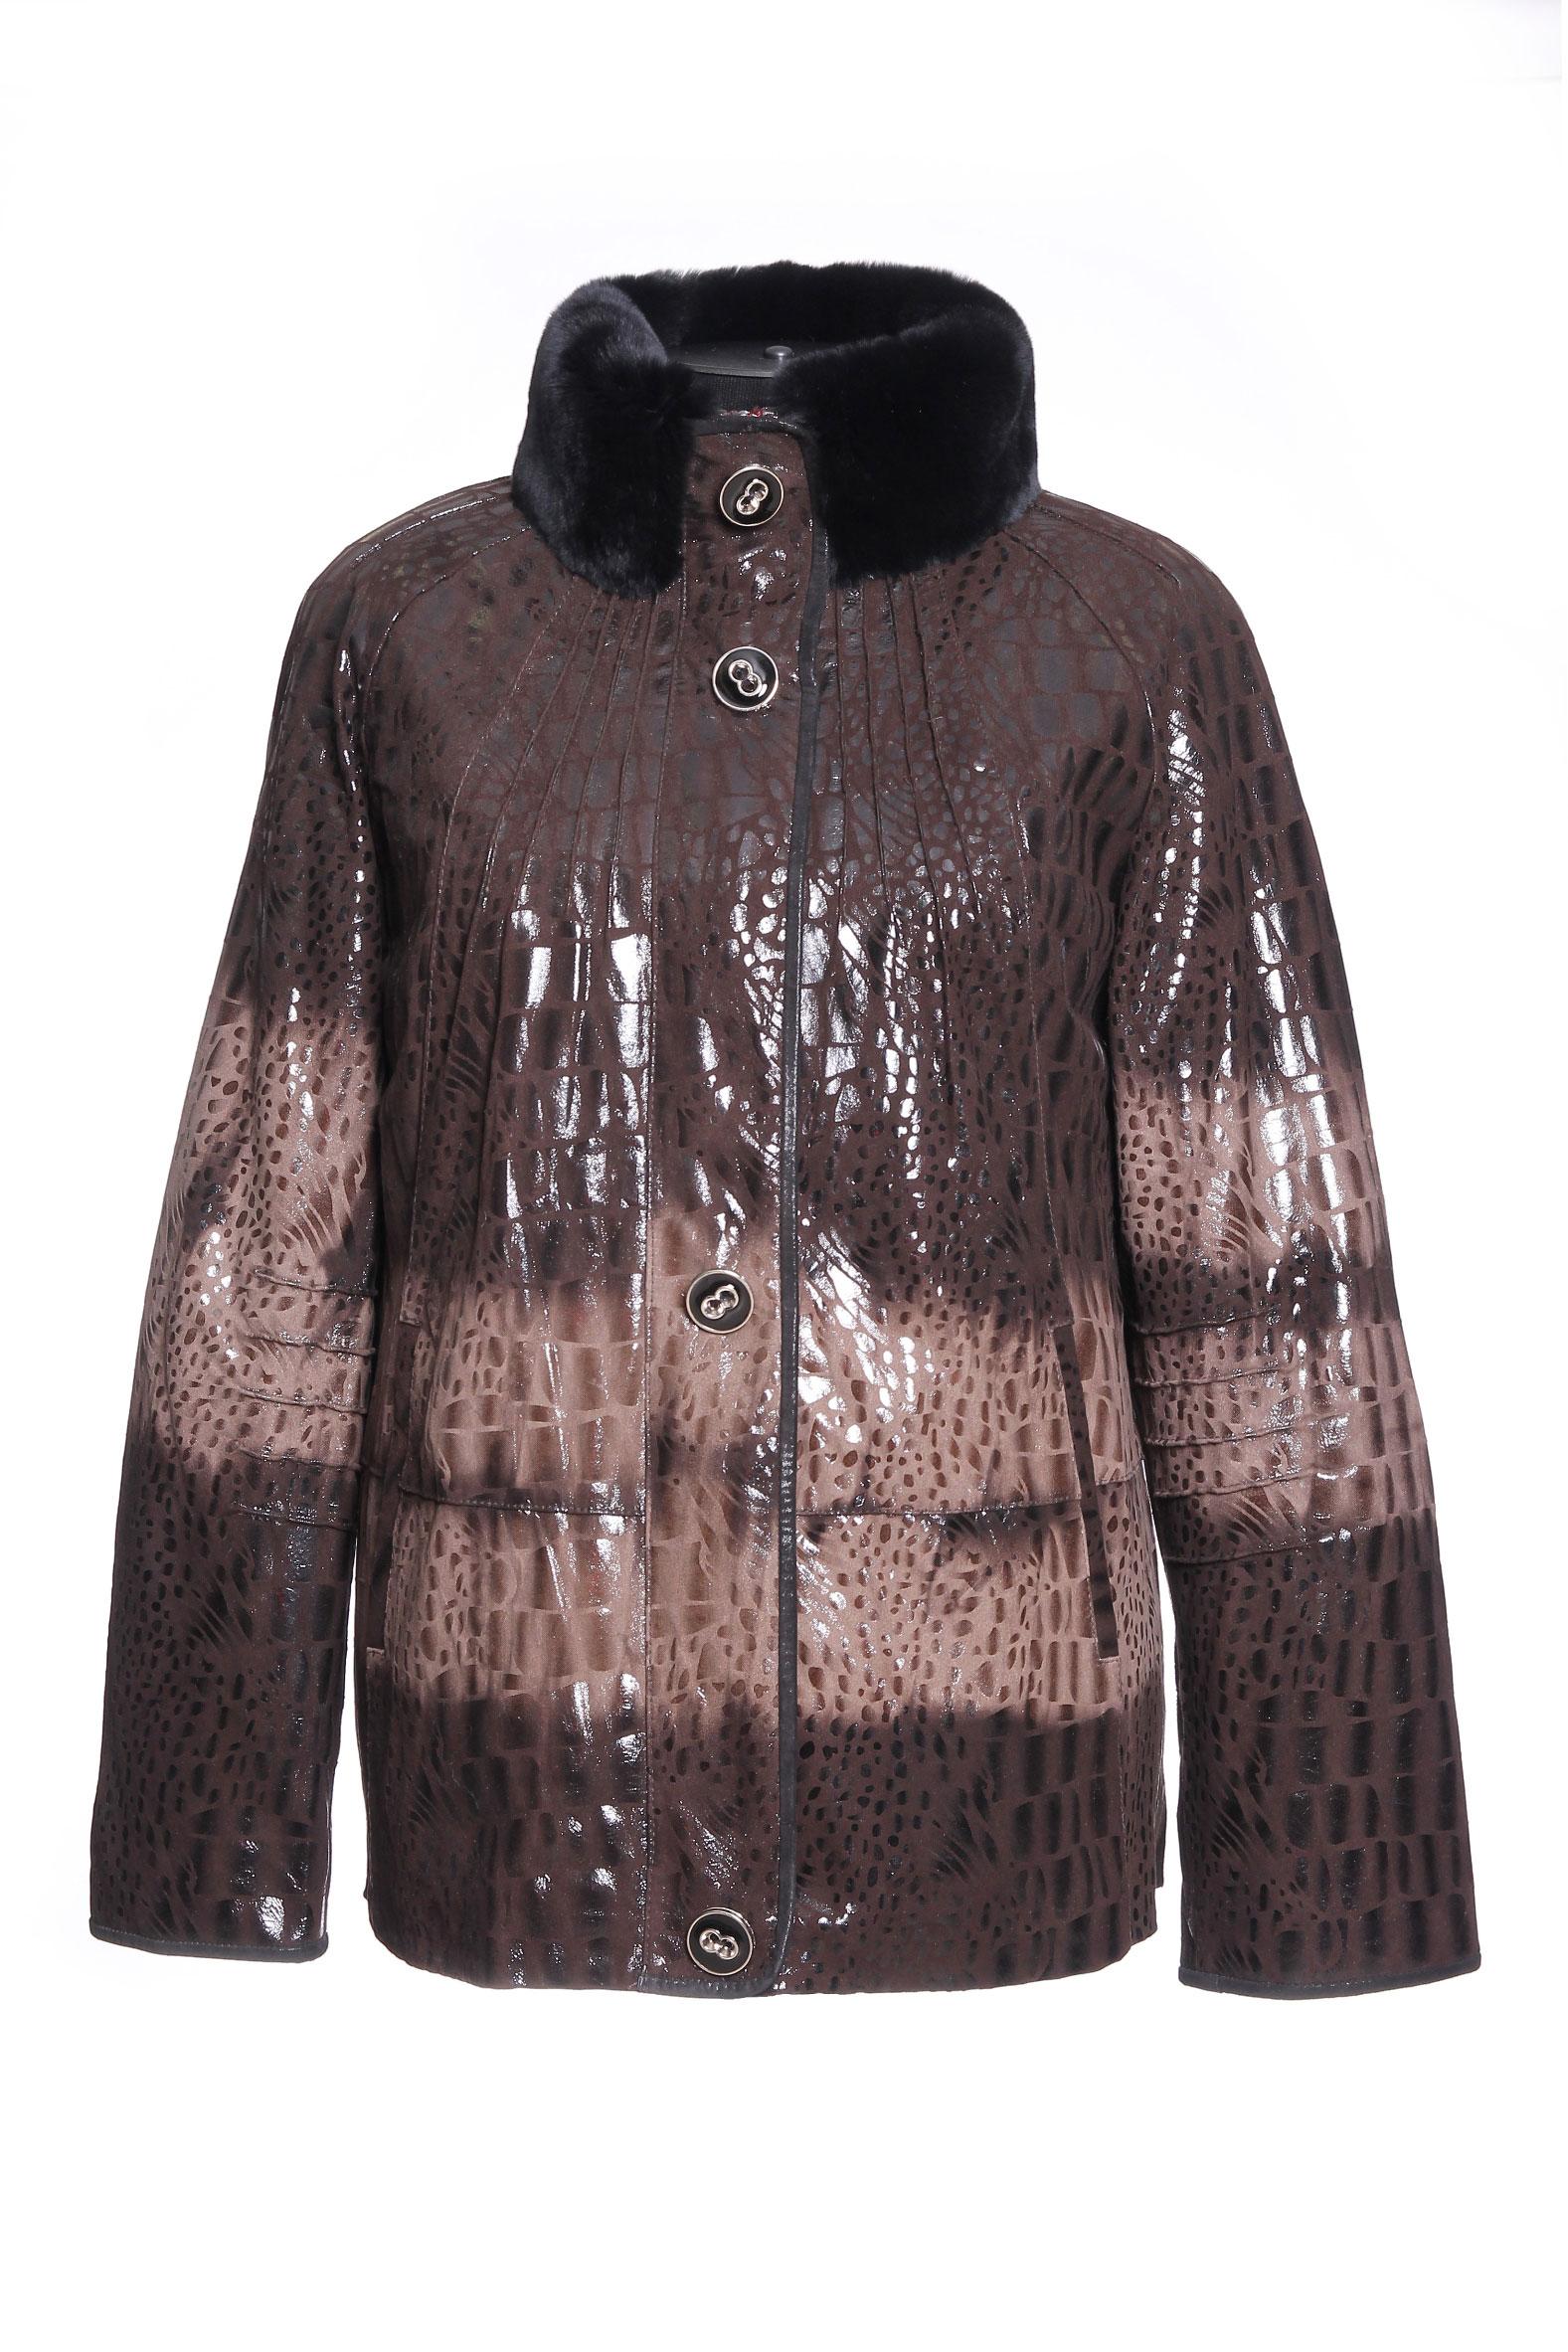 Женская кожаная куртка из натуральной кожи, отделка кролик